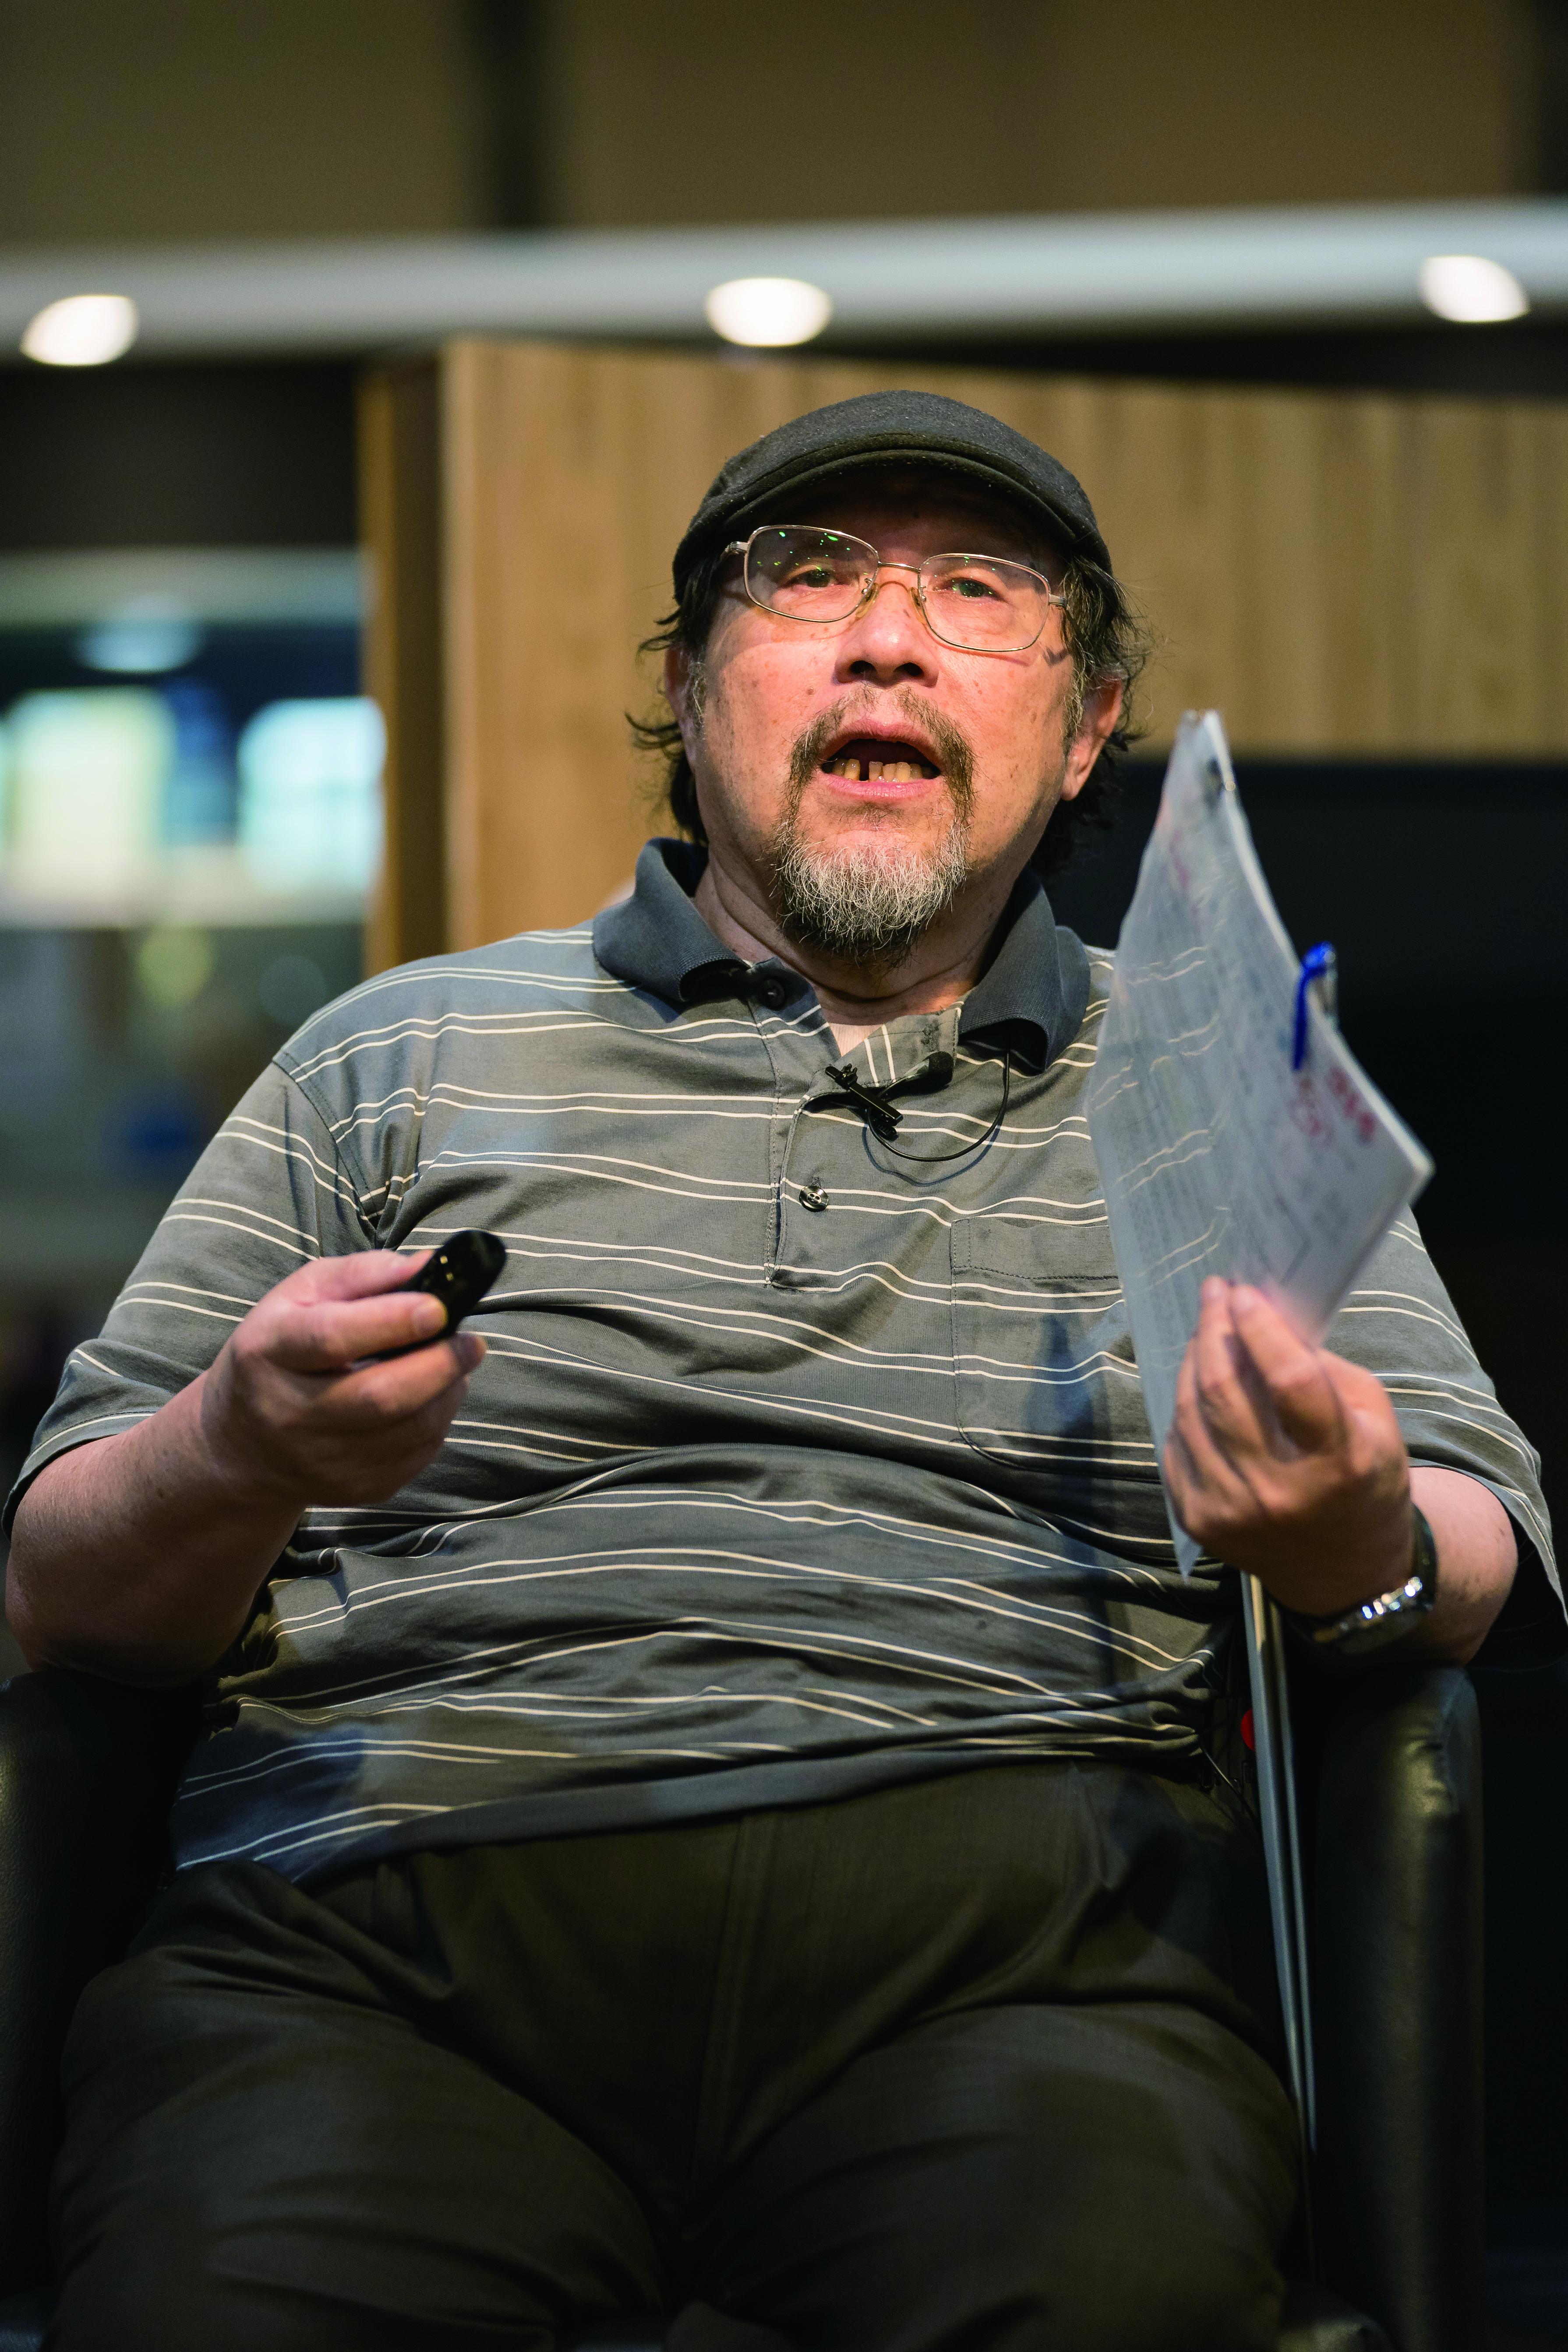 學者丘延亮親身經歷當年採集,為臺灣的音樂文化累積了重要資產。.jpg